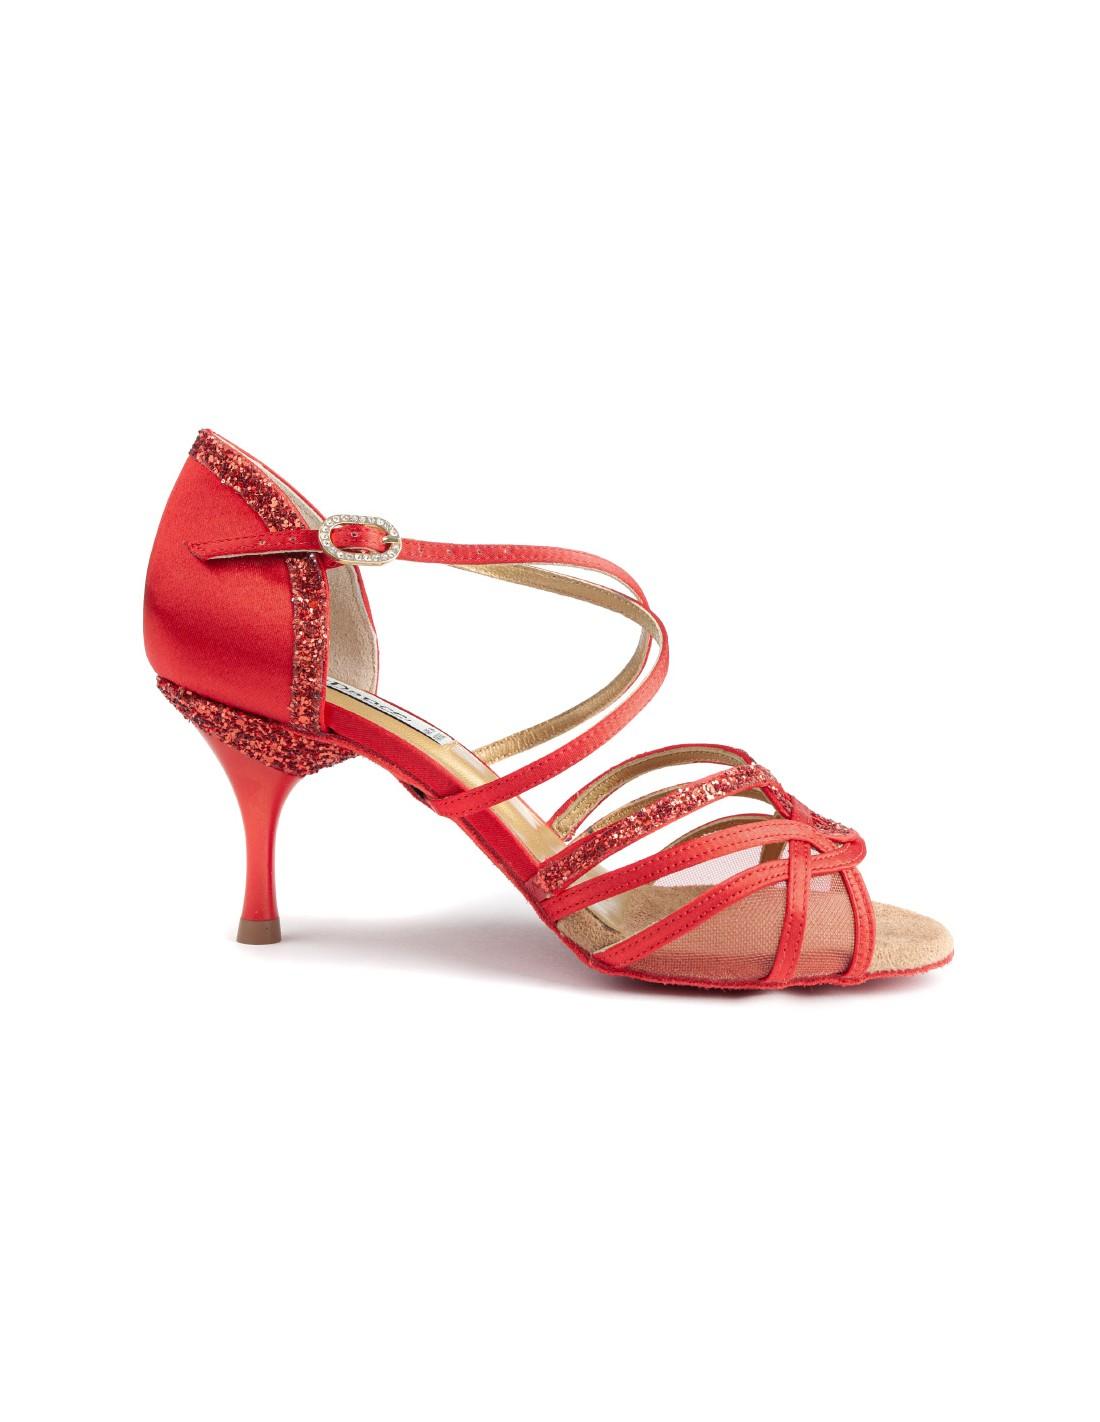 Chaussures danse salon satin cuivre meschaussuresetmoi for Chaussures de danse de salon toulouse